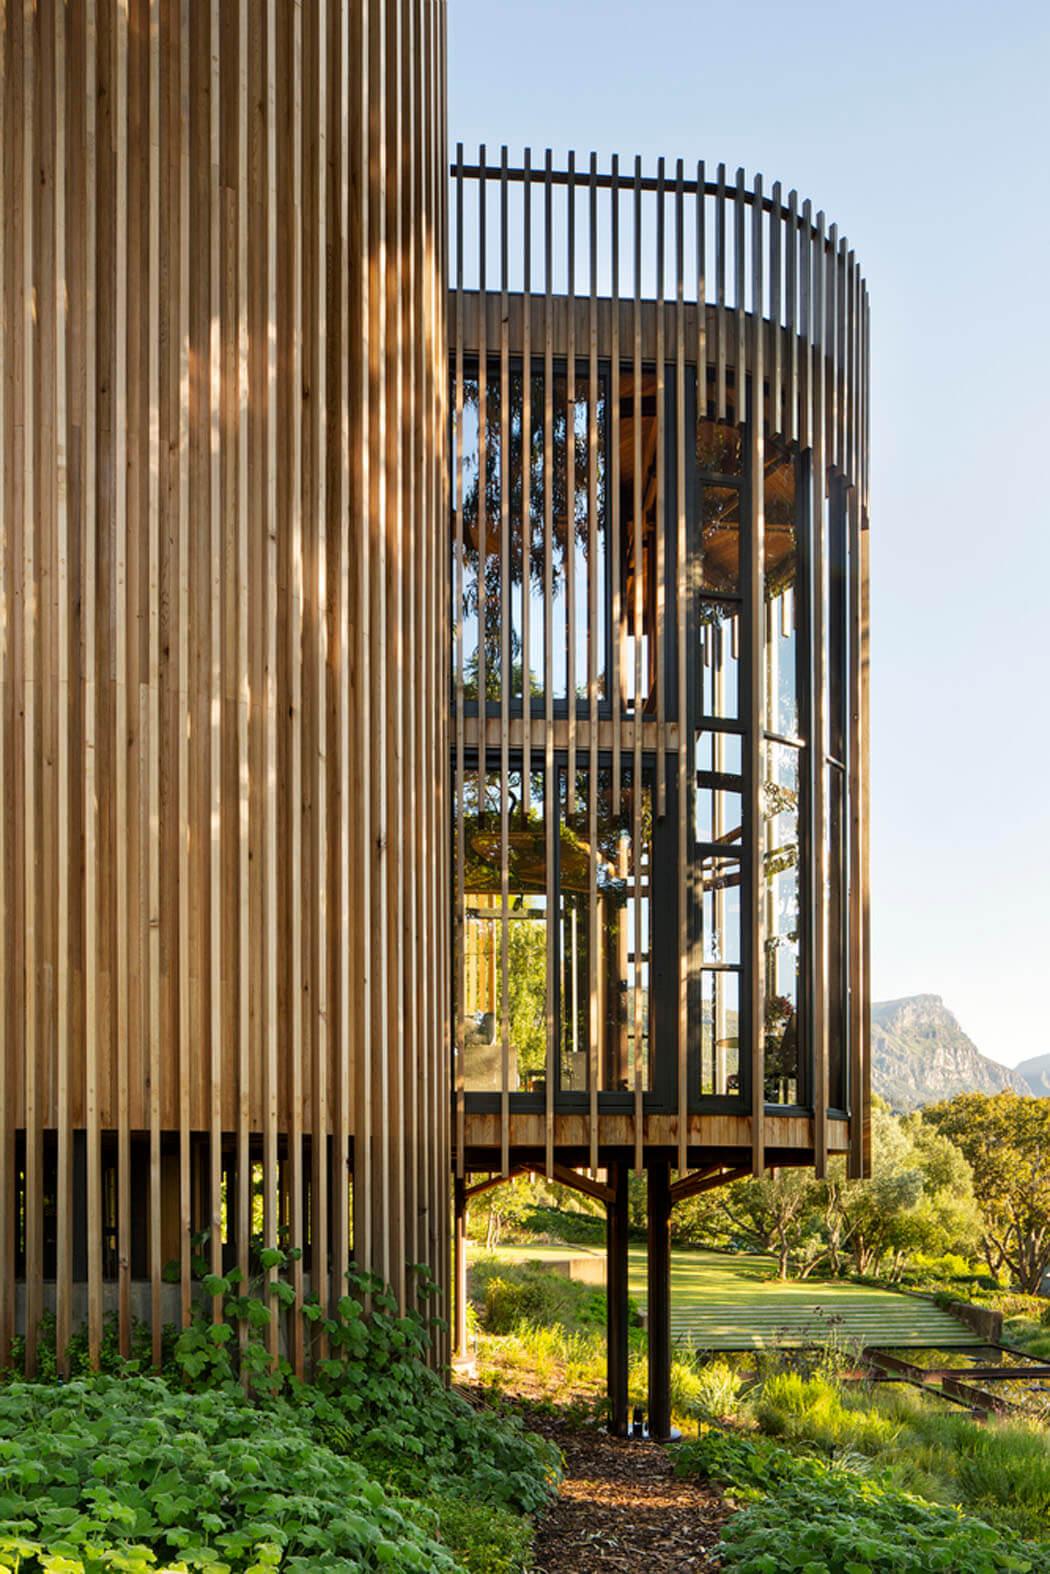 Maison originale inspir e par la cabane dans les arbres for Facade maison originale